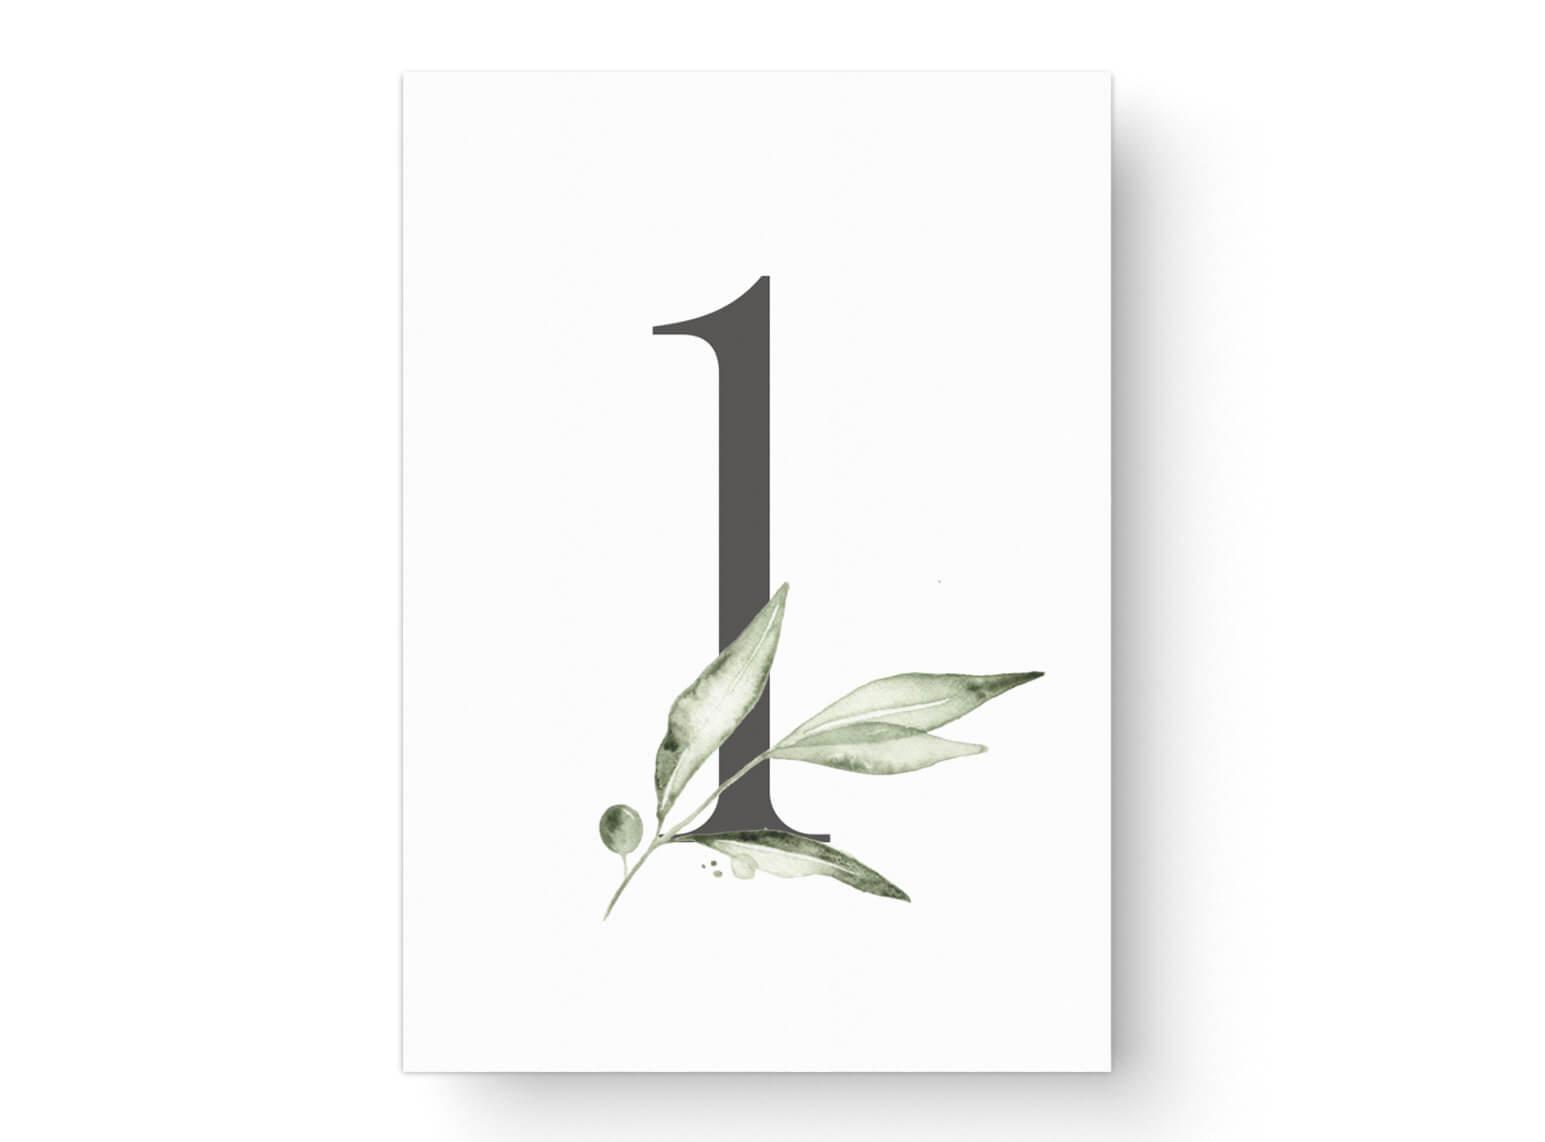 hochzeit-tischnummer-dina-6-olive-zweig-aquarell-gruen-grau-1-MP0008-4.1.1